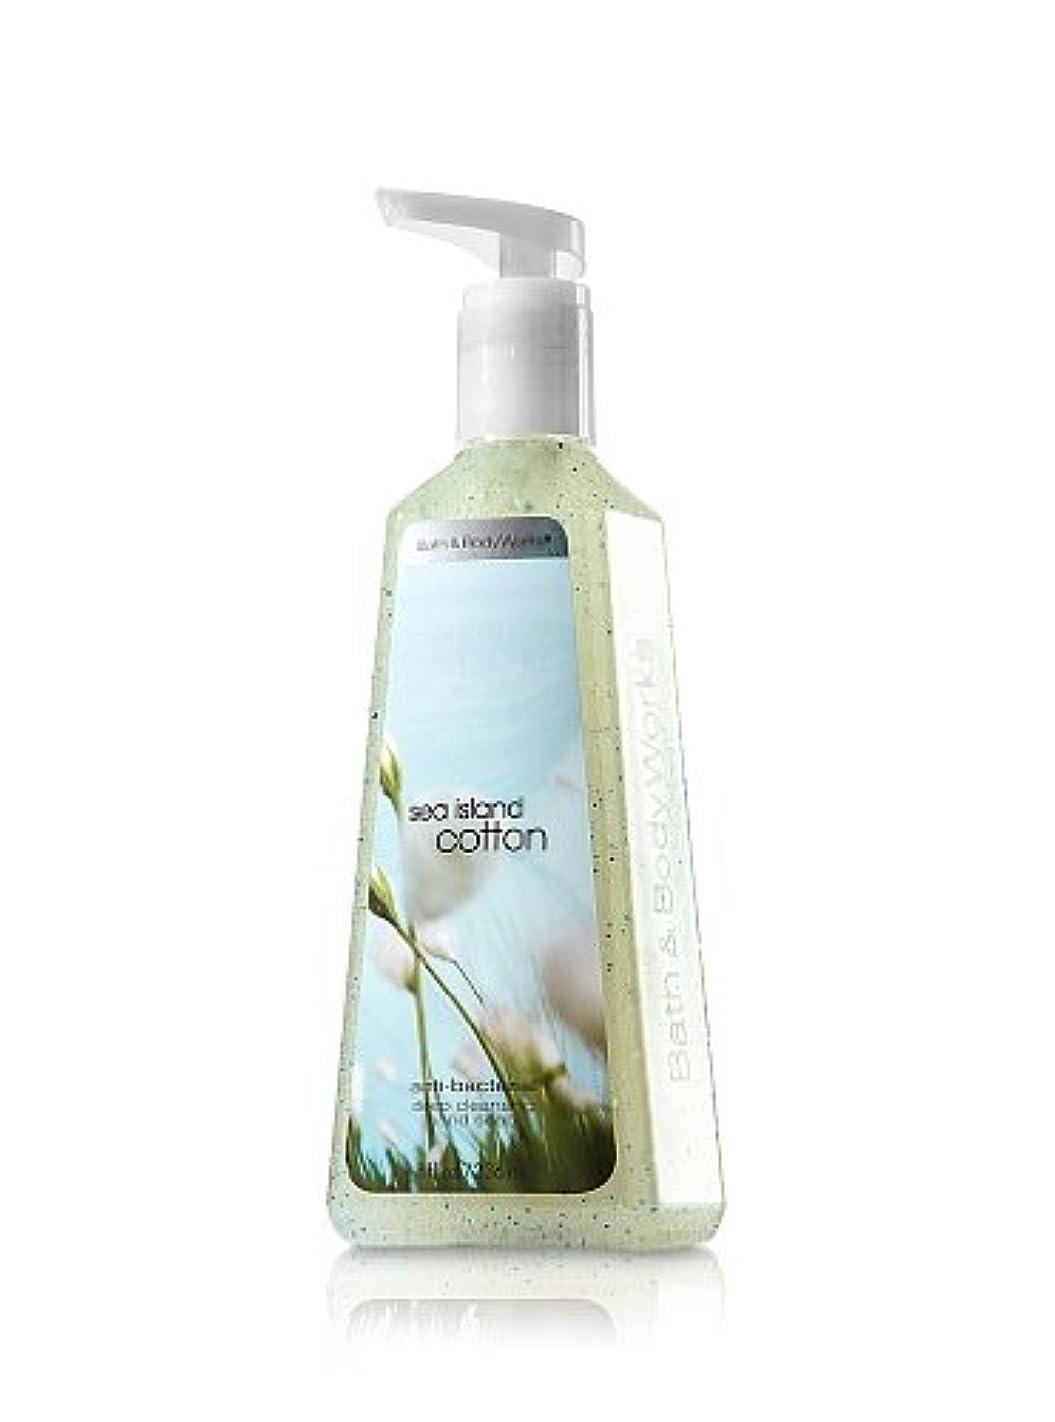 マイルストーンマーカー気づかないバス&ボディワークス シーアイランドコットン ディープクレンジングハンドソープ Sea Island Cotton Deep Cleansing Hand Soap [並行輸入品]